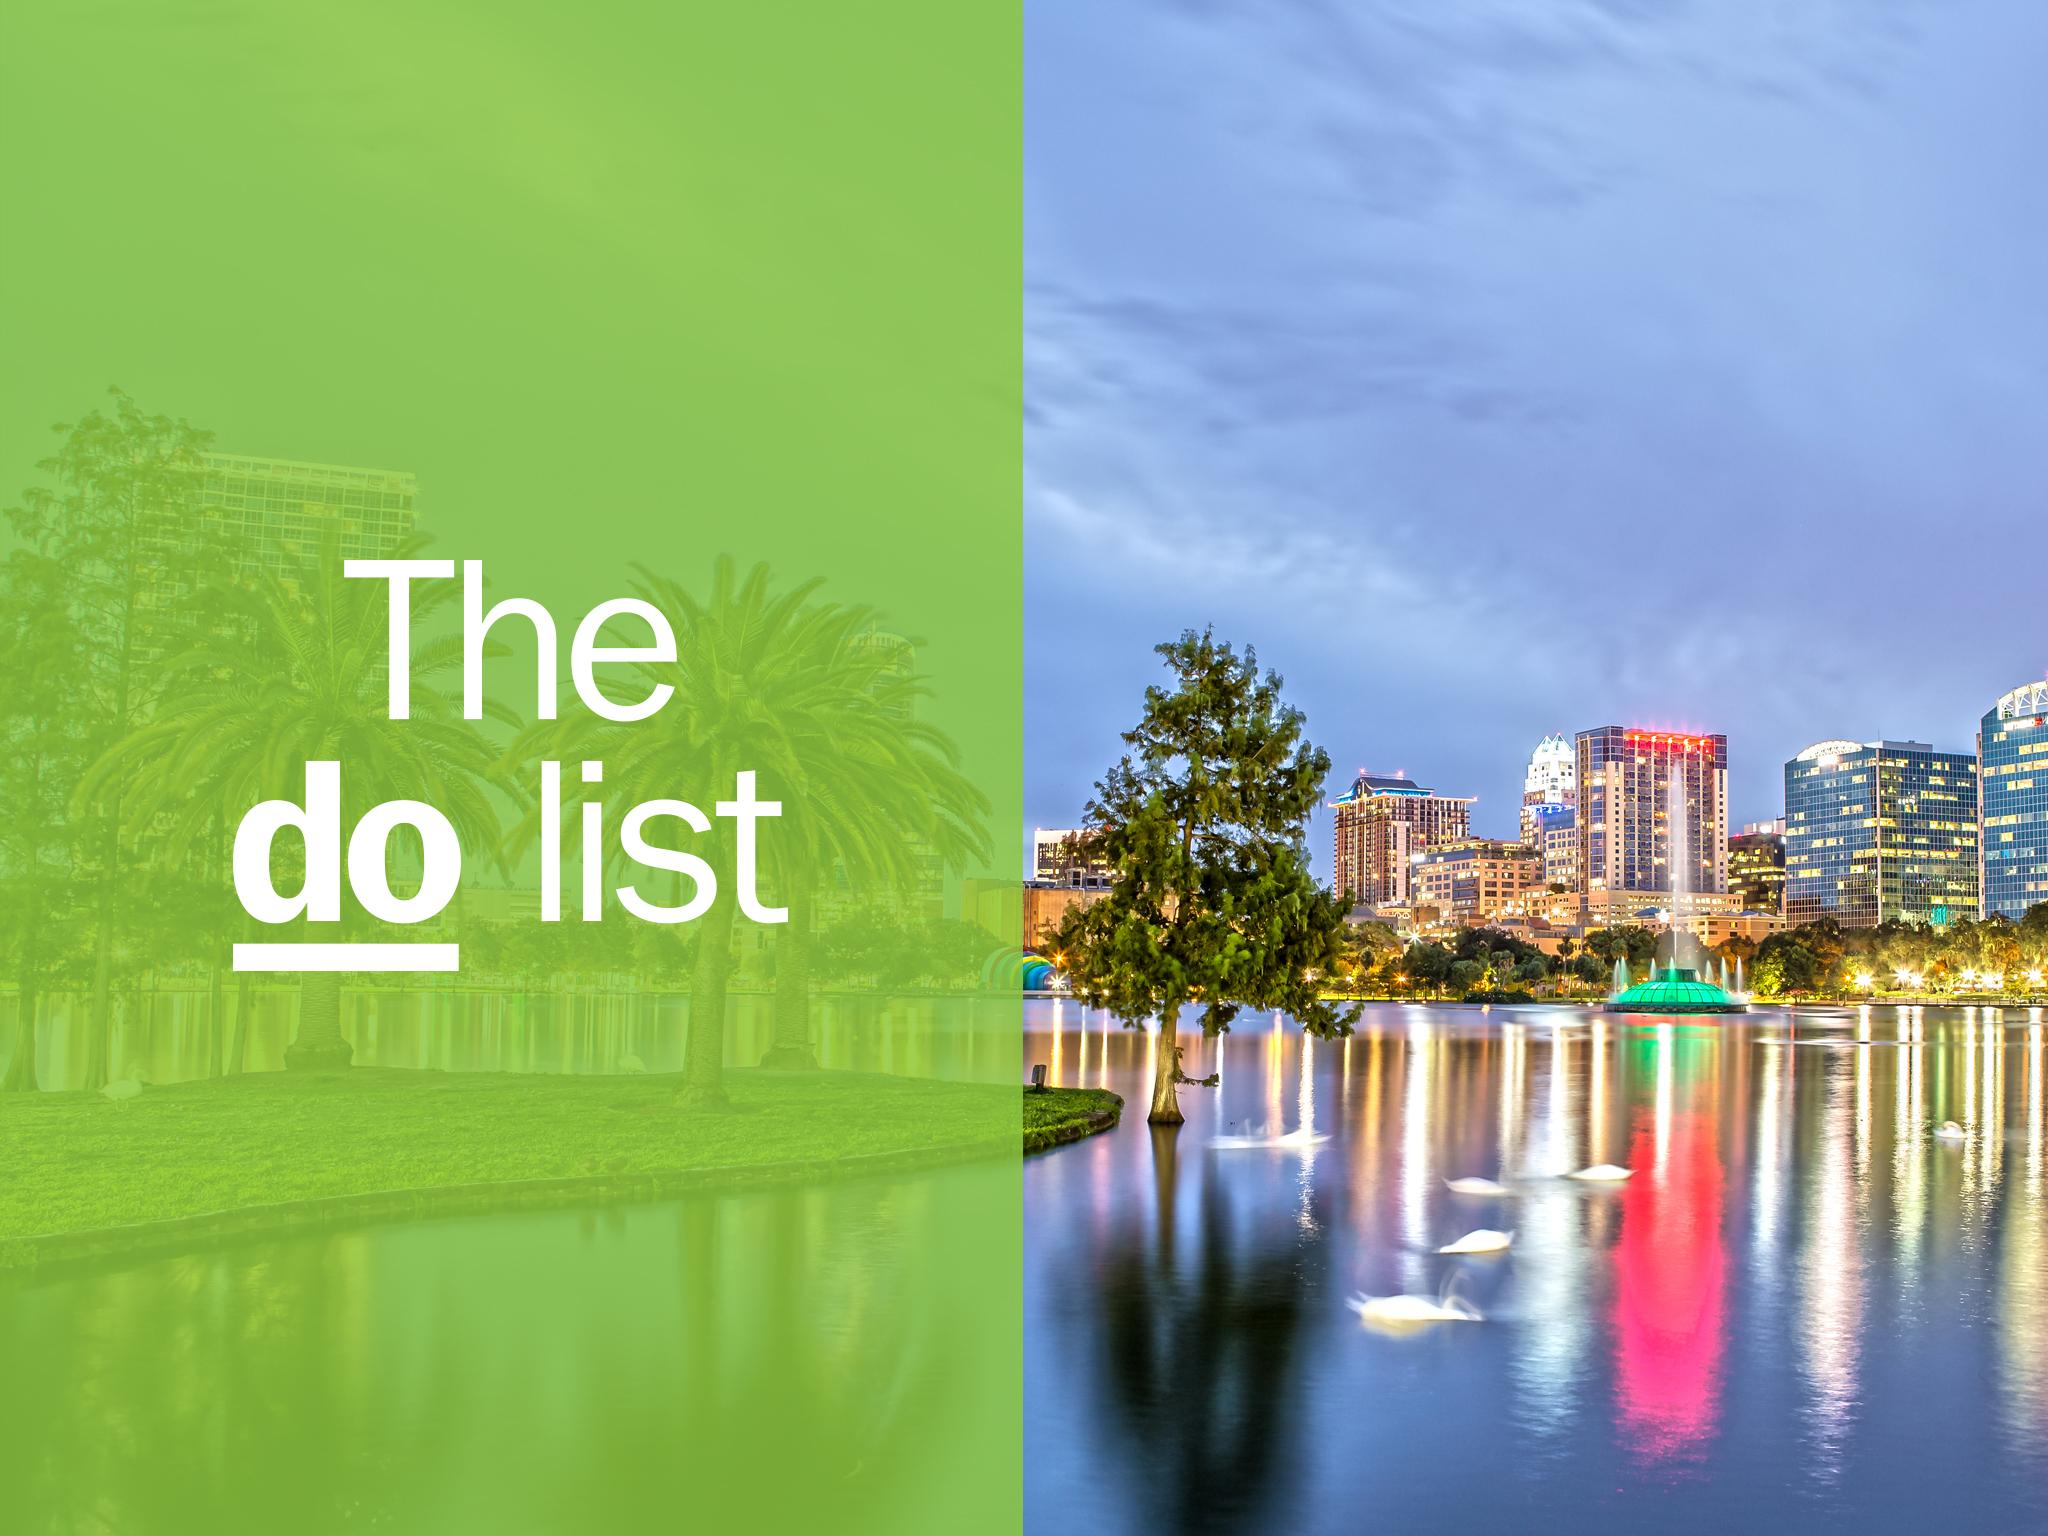 Orlando DO list